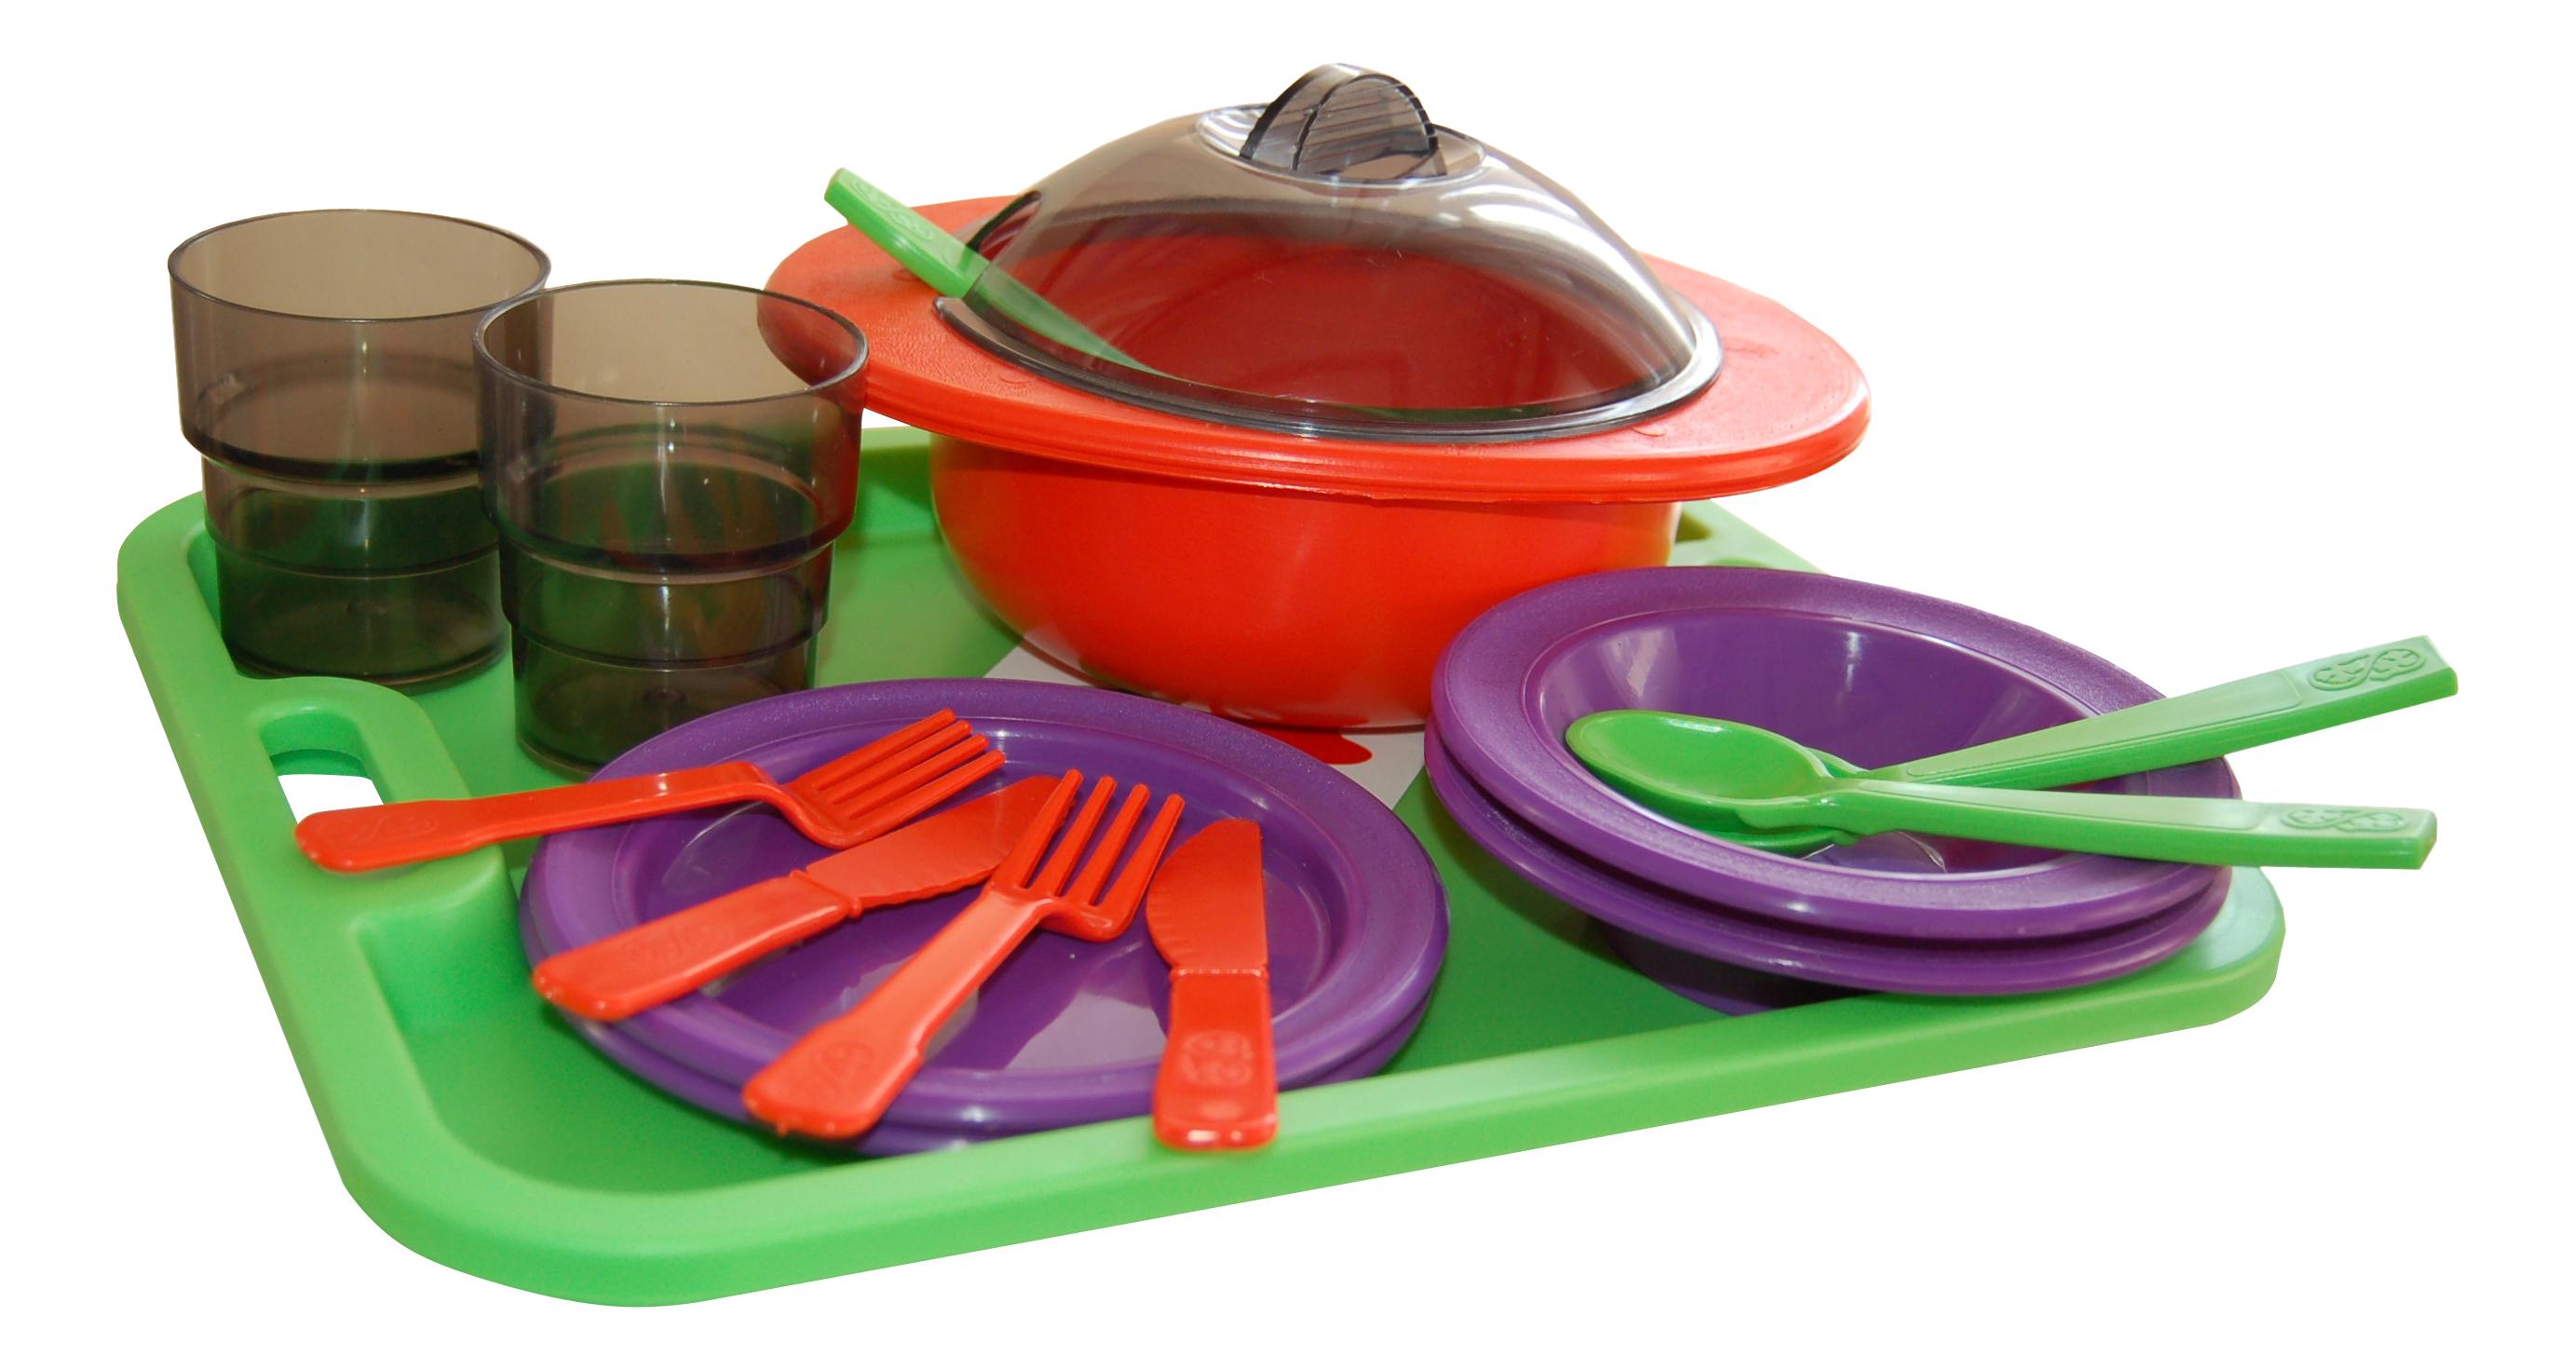 Набор посуды игрушечный ОГОНЕК Столовый набор